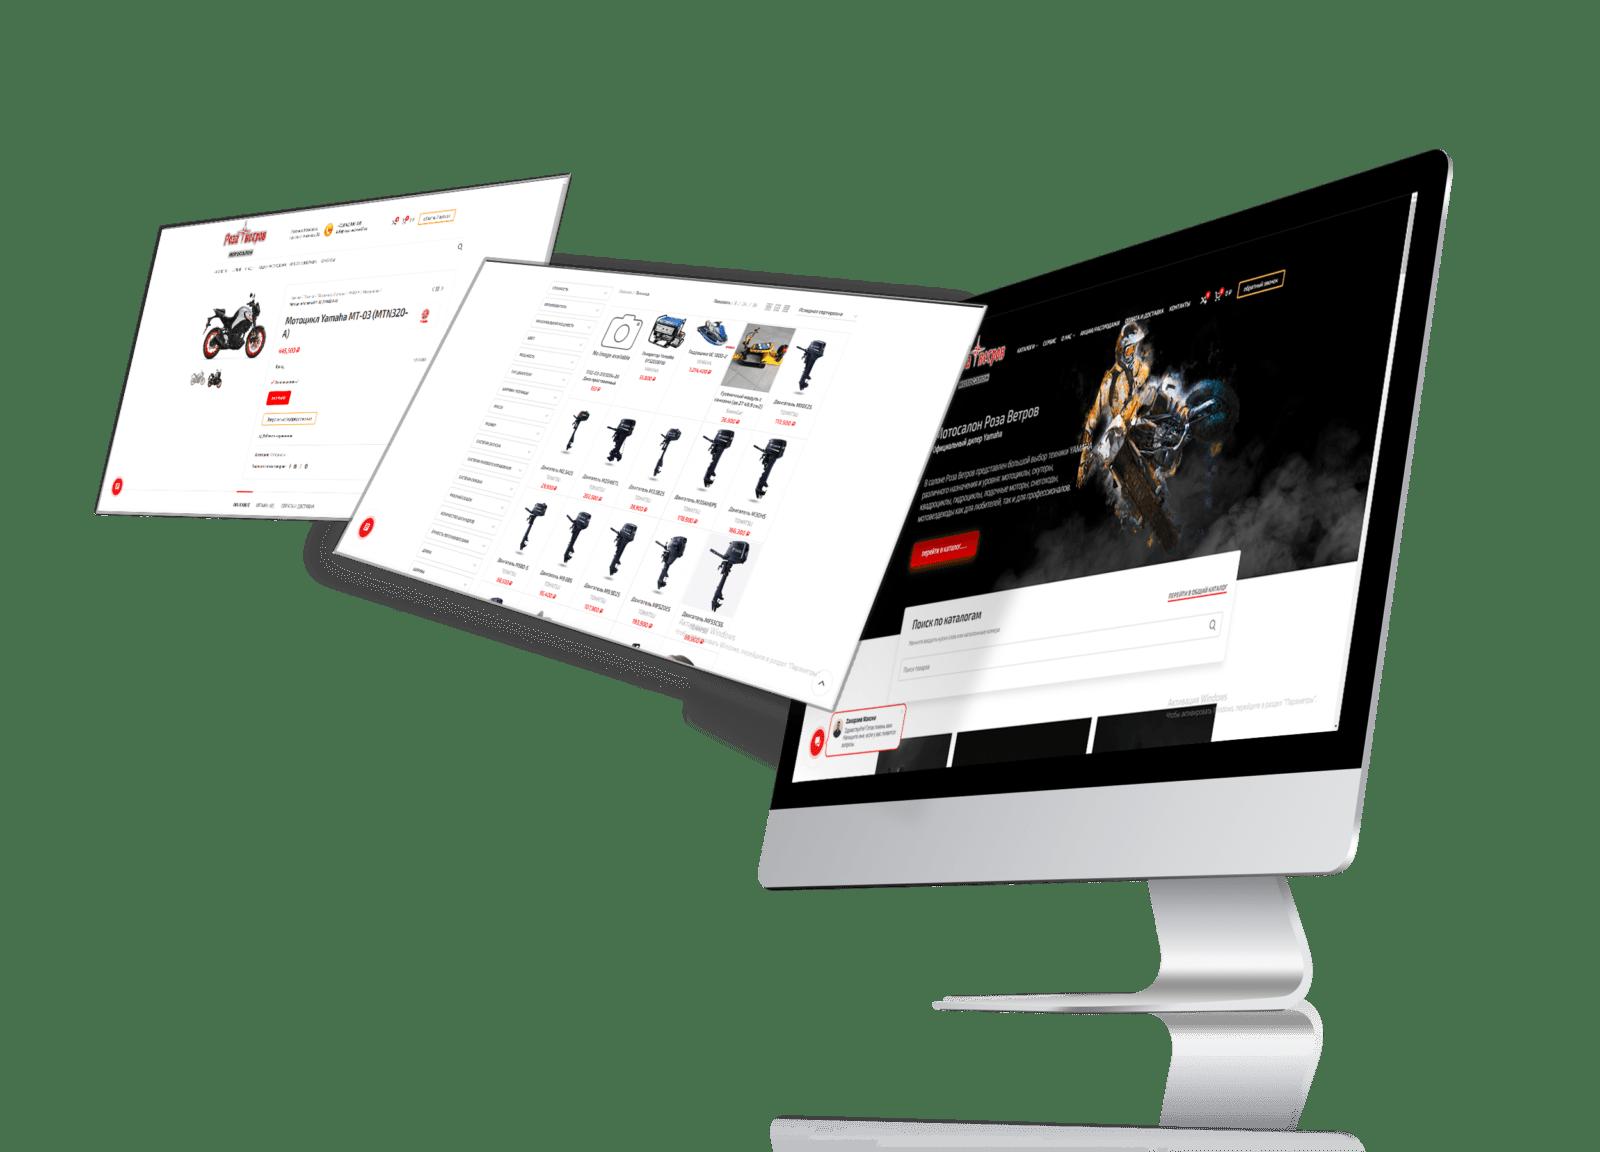 разработка сайтов каталогов в кемерово